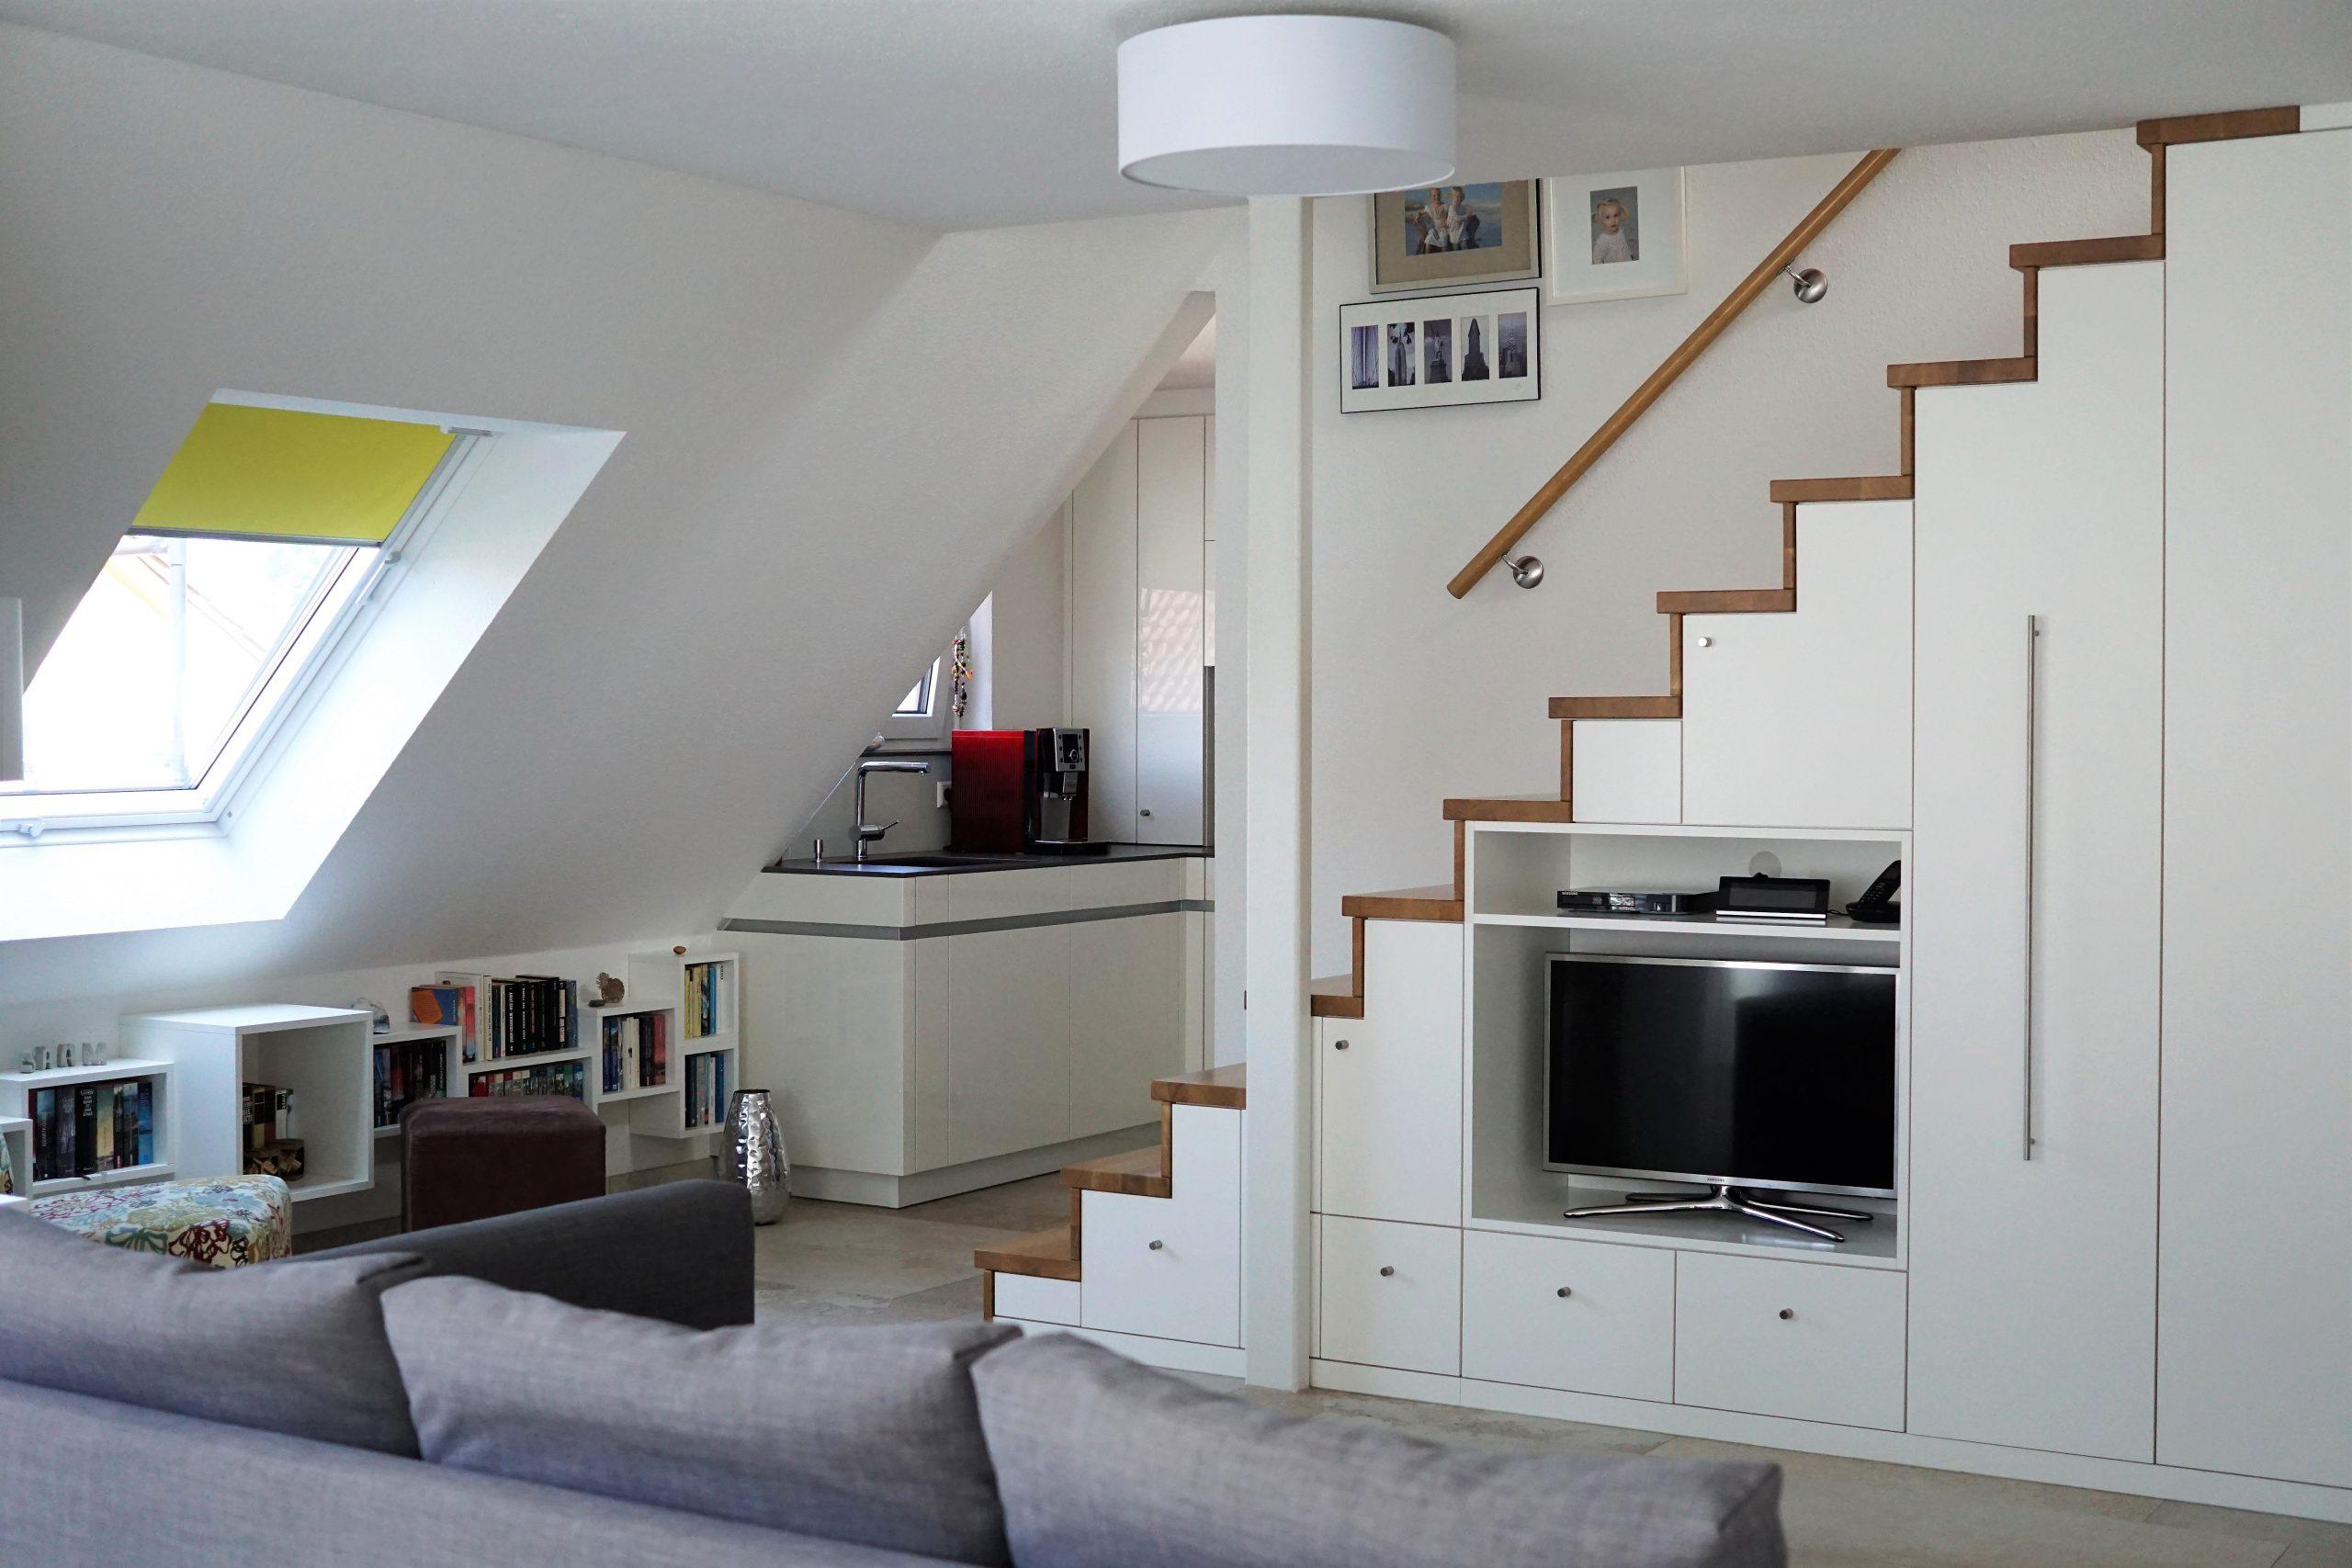 Treppenschrank mit Stauraum für Garderobe und TV im offenen Wohraum